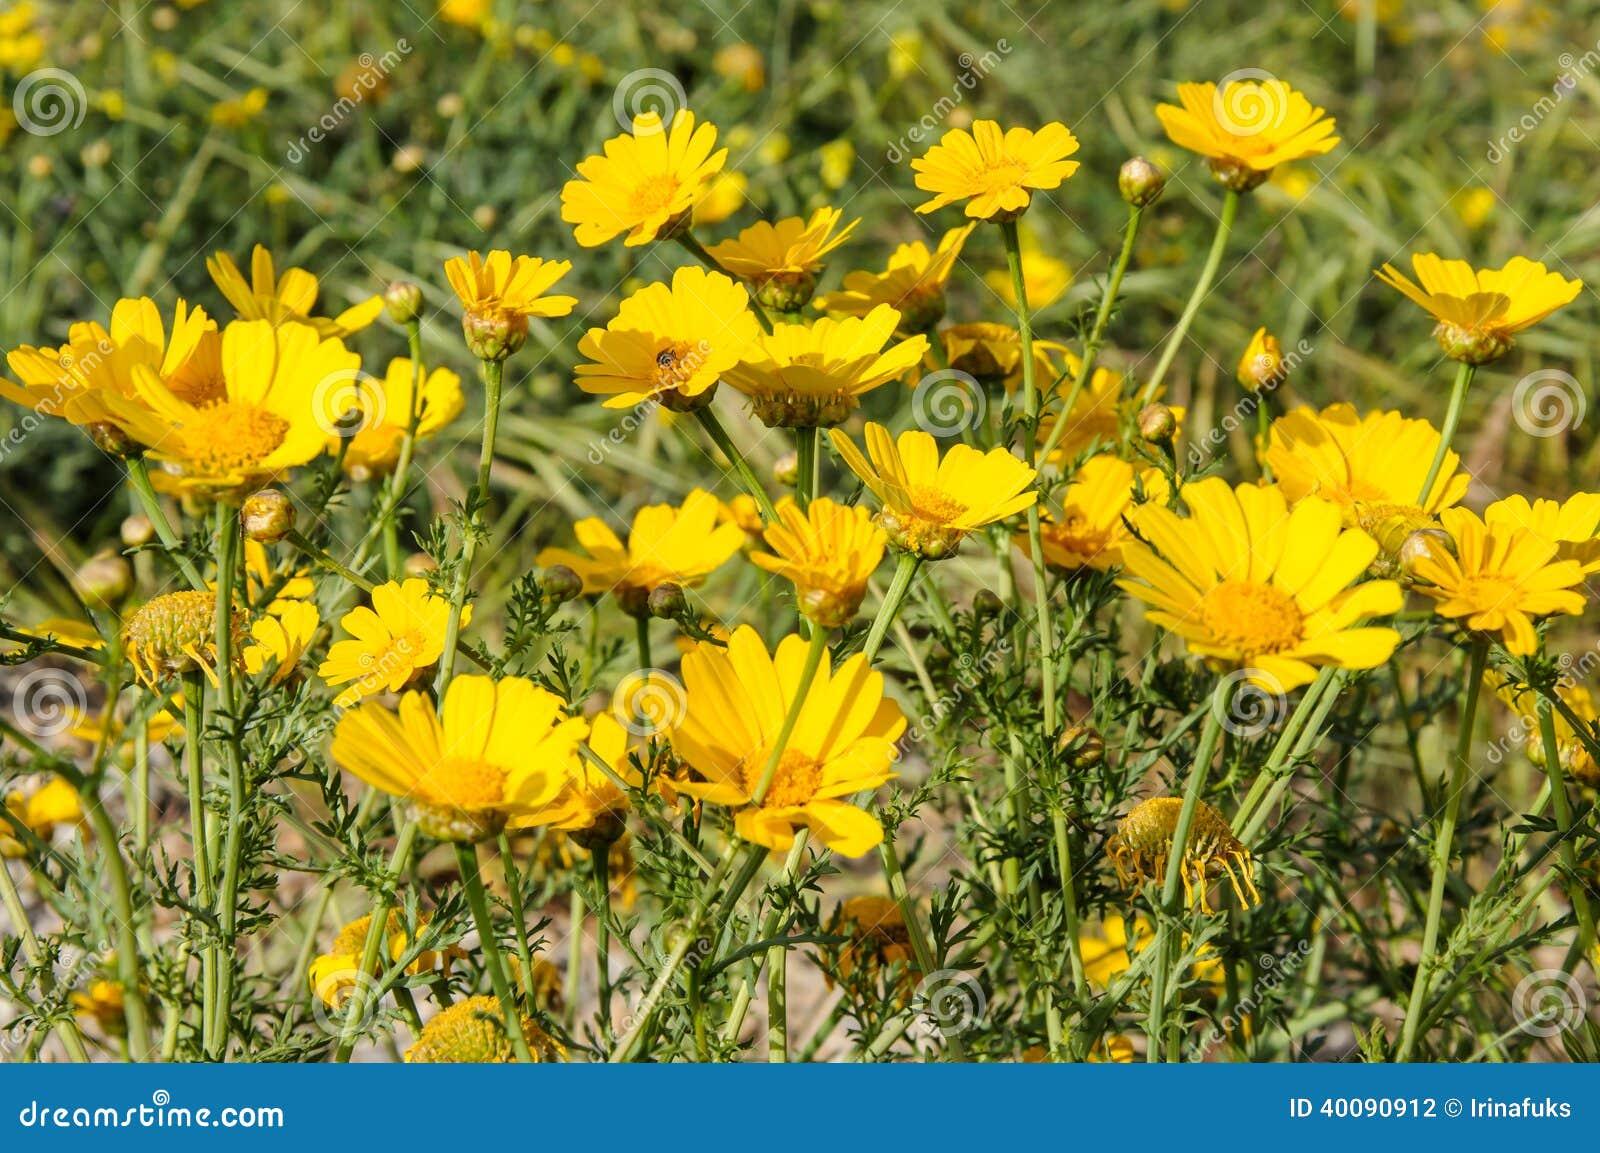 Fiori Gialli Nel Prato.Fiori Gialli Nel Prato Di Fioritura Di Primavera Fotografia Stock